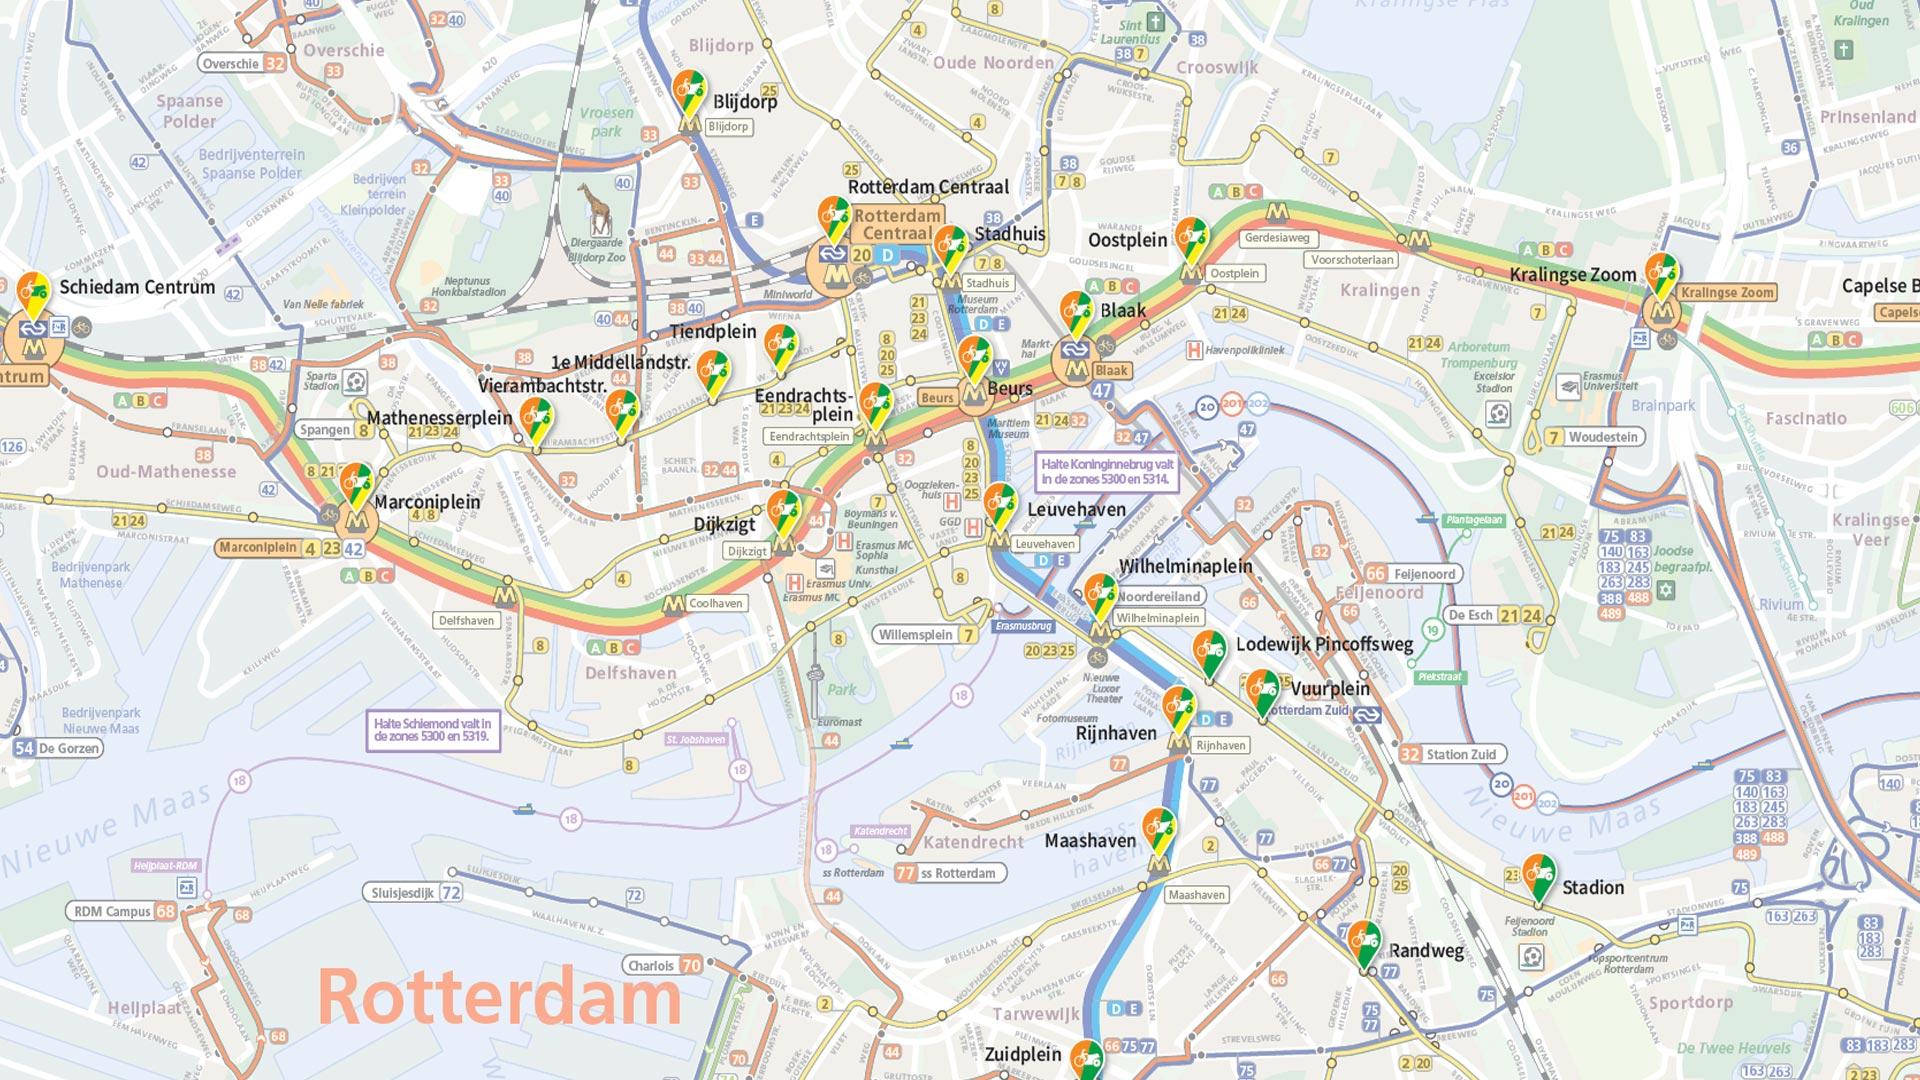 Bekijk de locaties van de deelfietsen en scooters op de kaart.